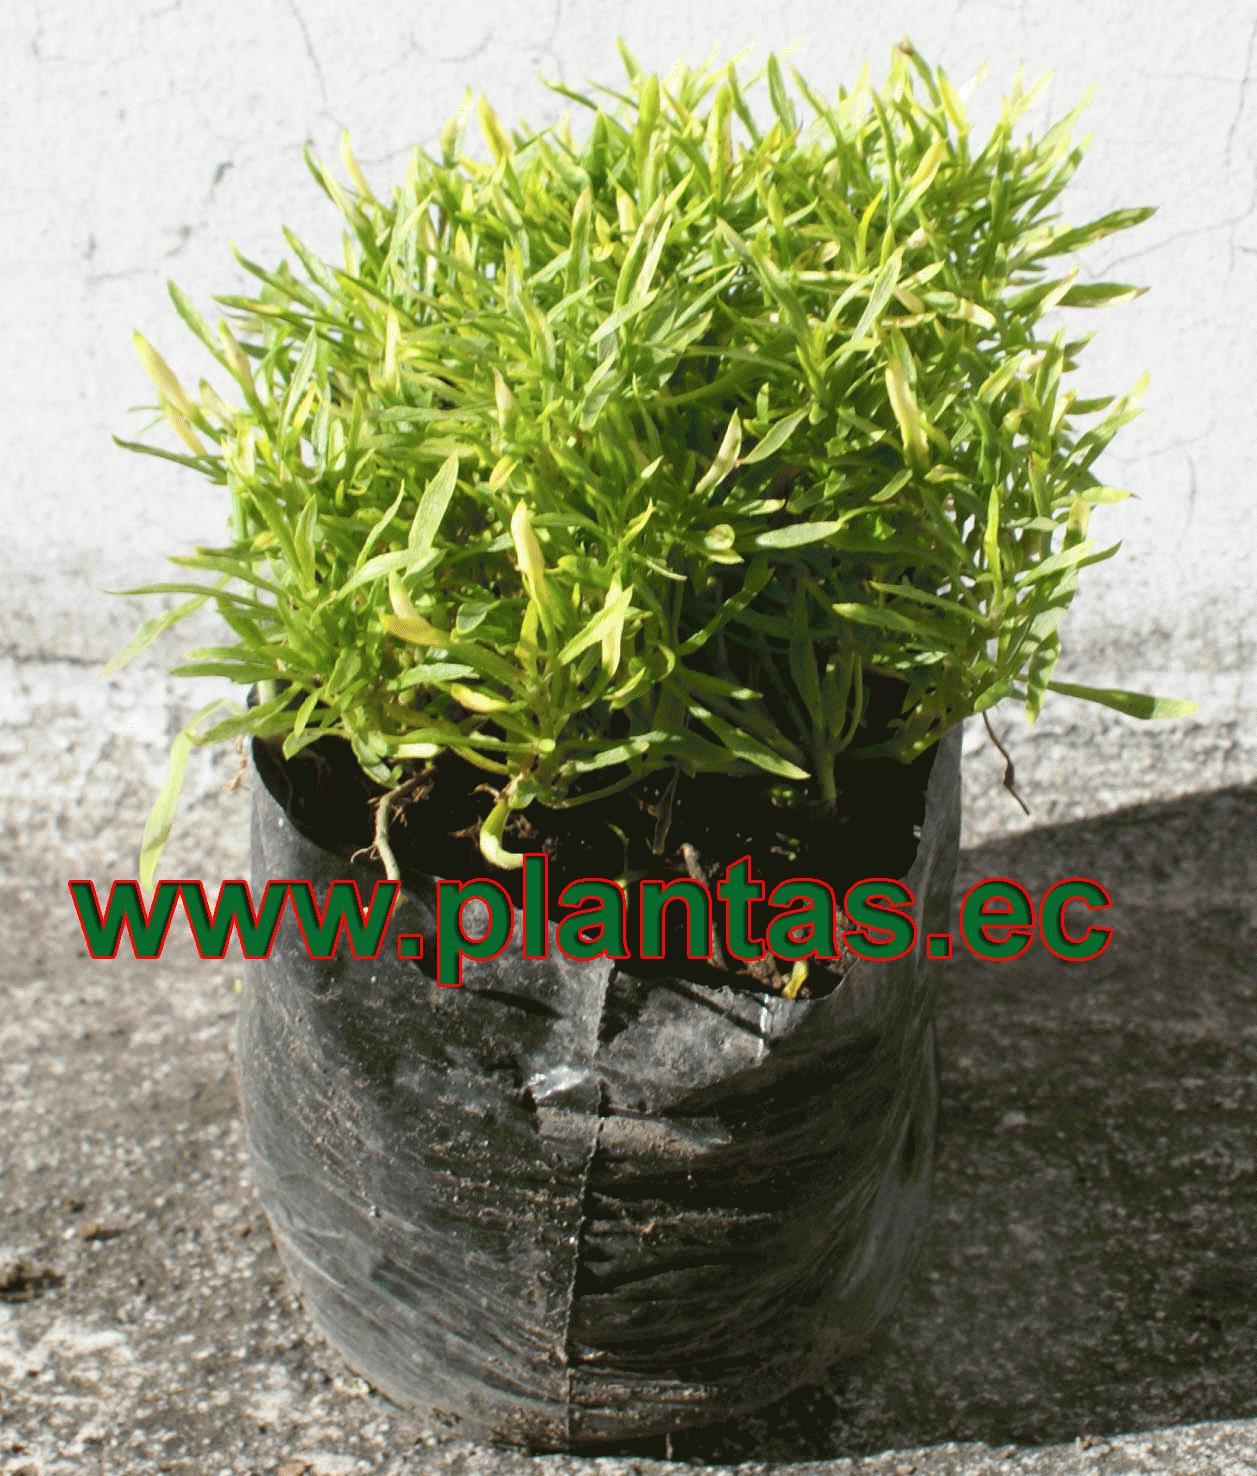 Fonforo verde arboles frutales plantas ornamentales y for Hierbas ornamentales